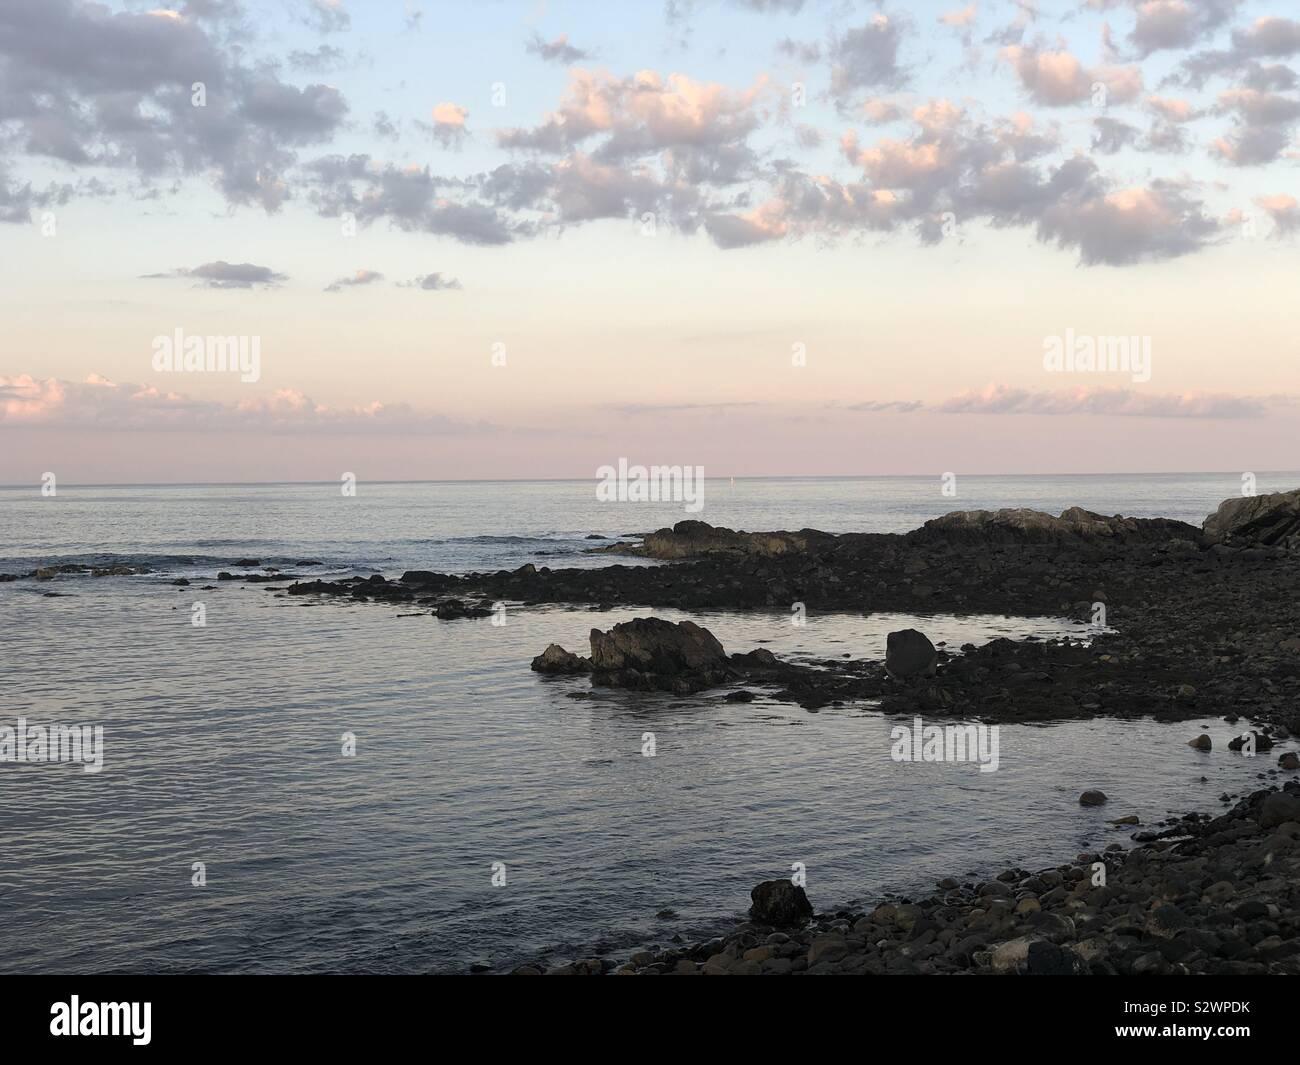 La costa de Maine, el océano, las rocas, las nubes del atardecer Foto de stock